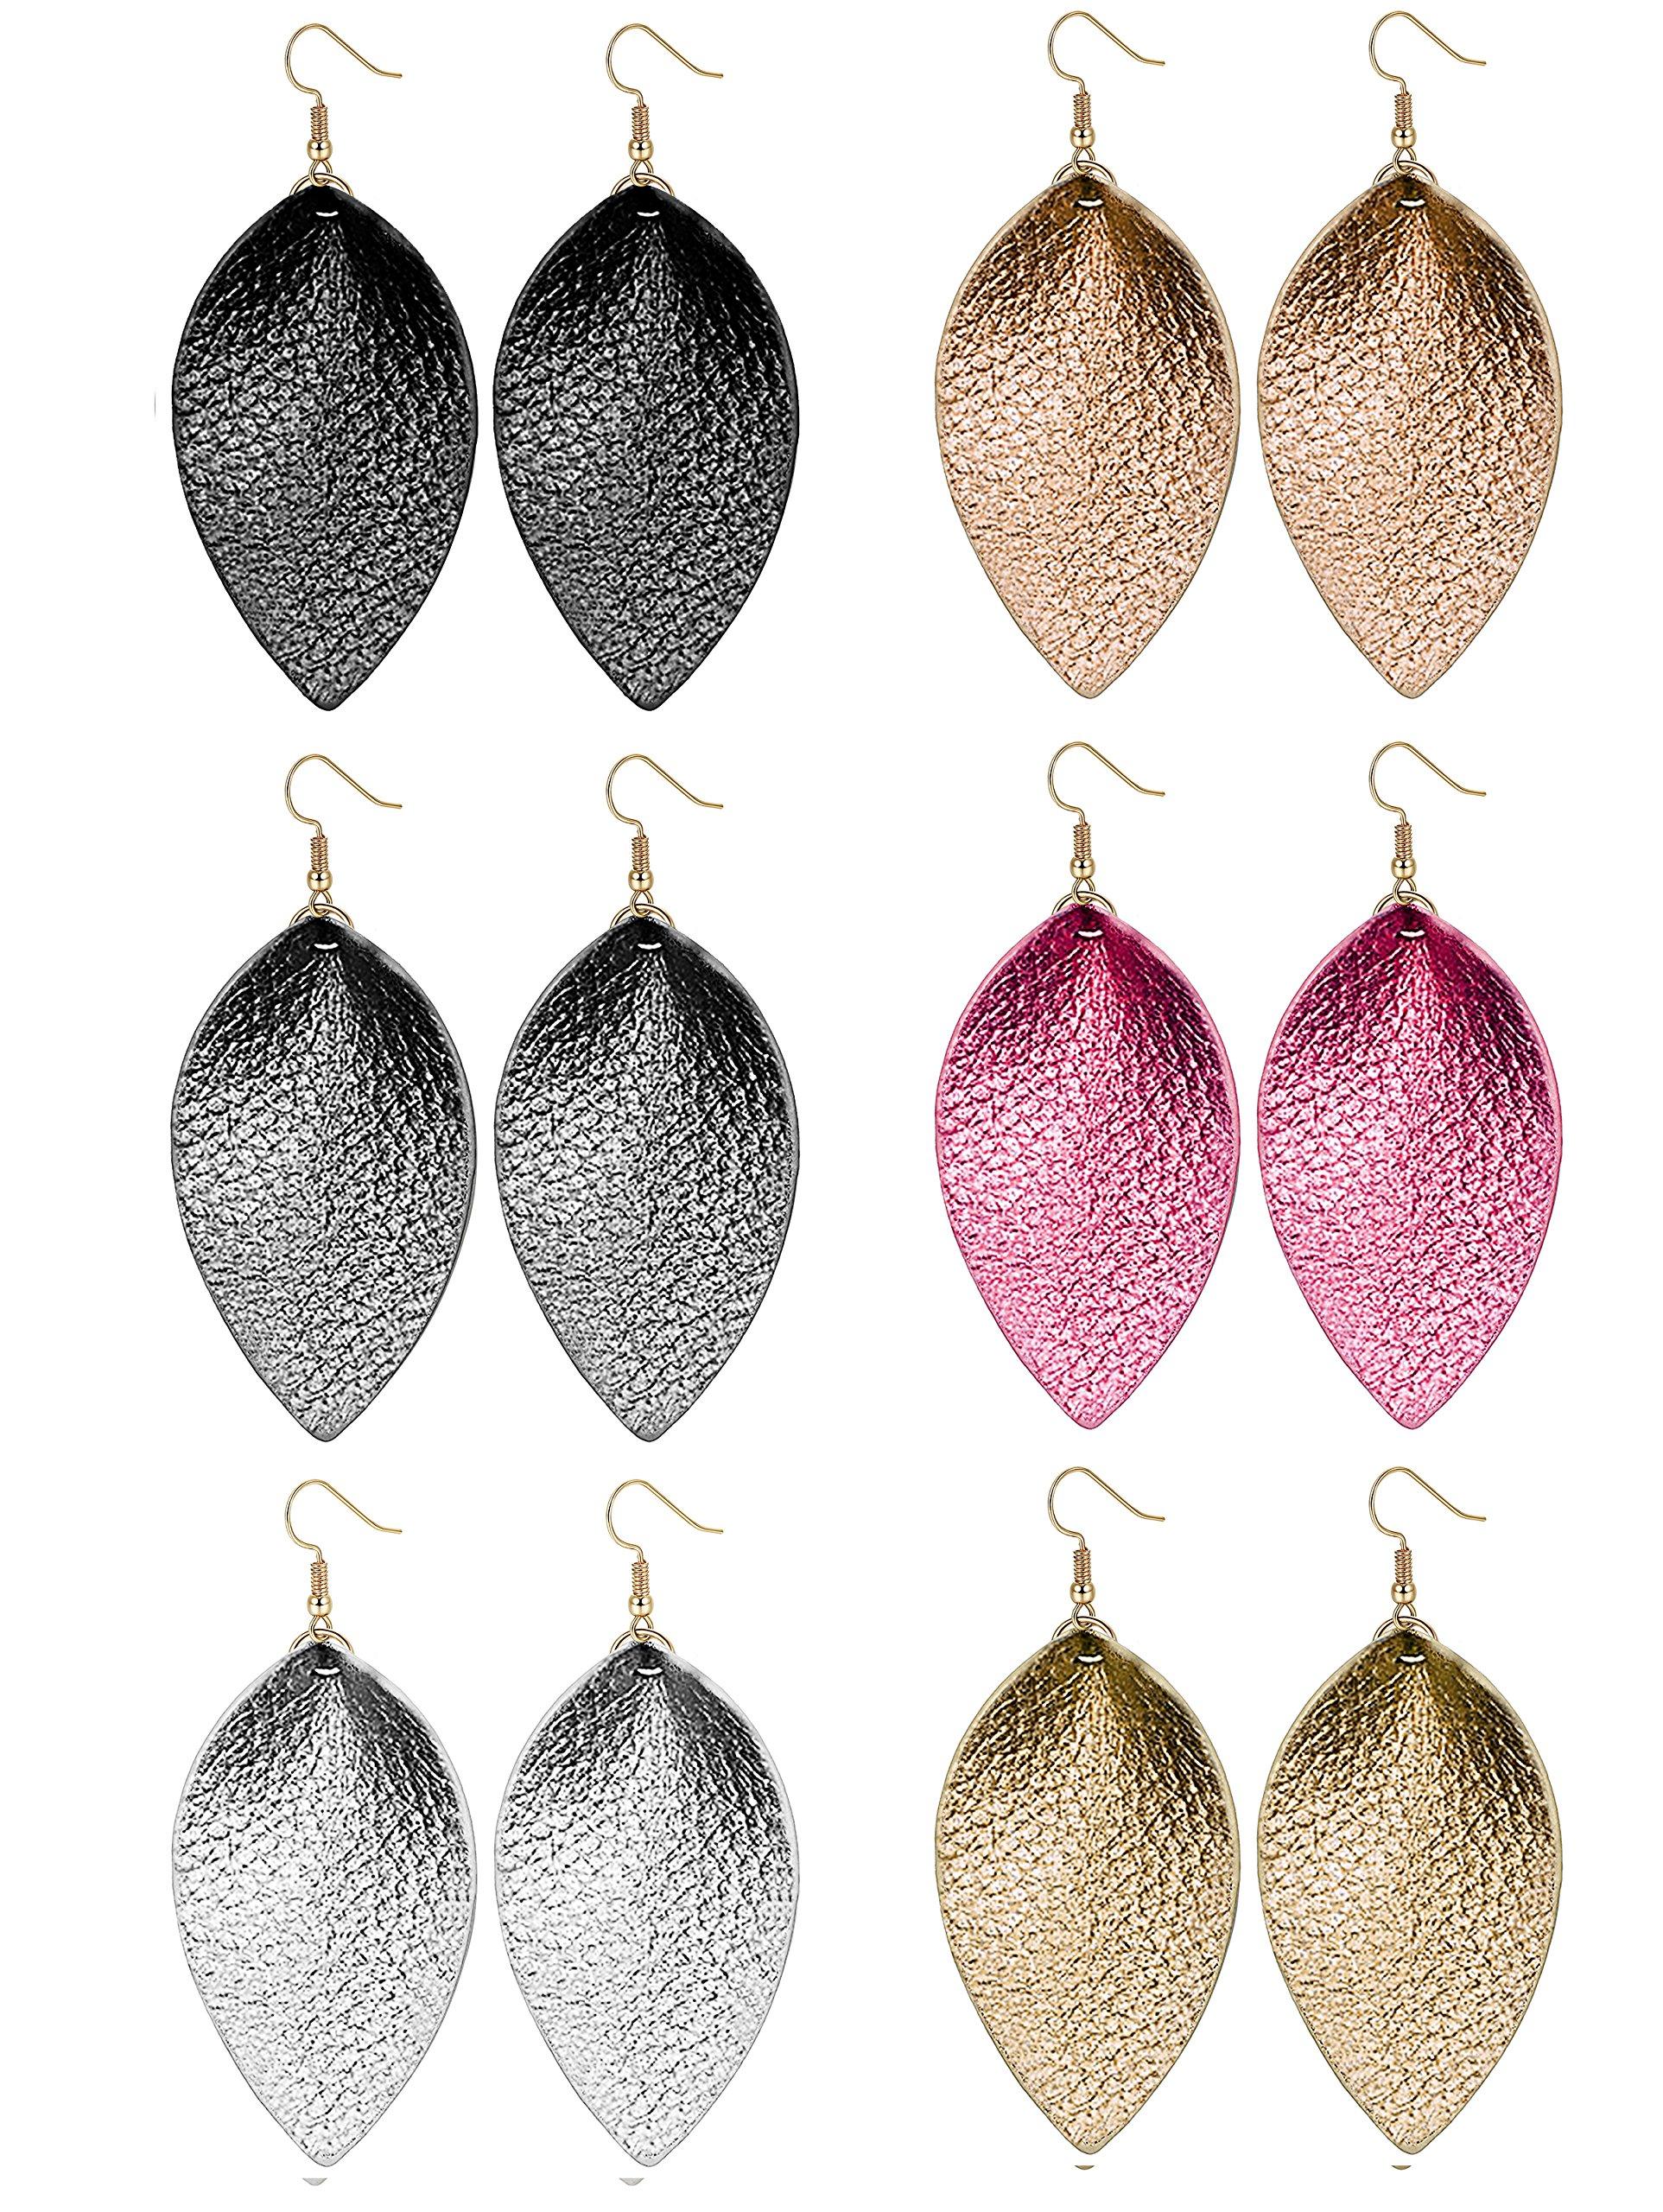 LOLIAS 6 Pairs Teardrop Leather Earrings Set for Women Girls Leaf Dangle Drop Earring